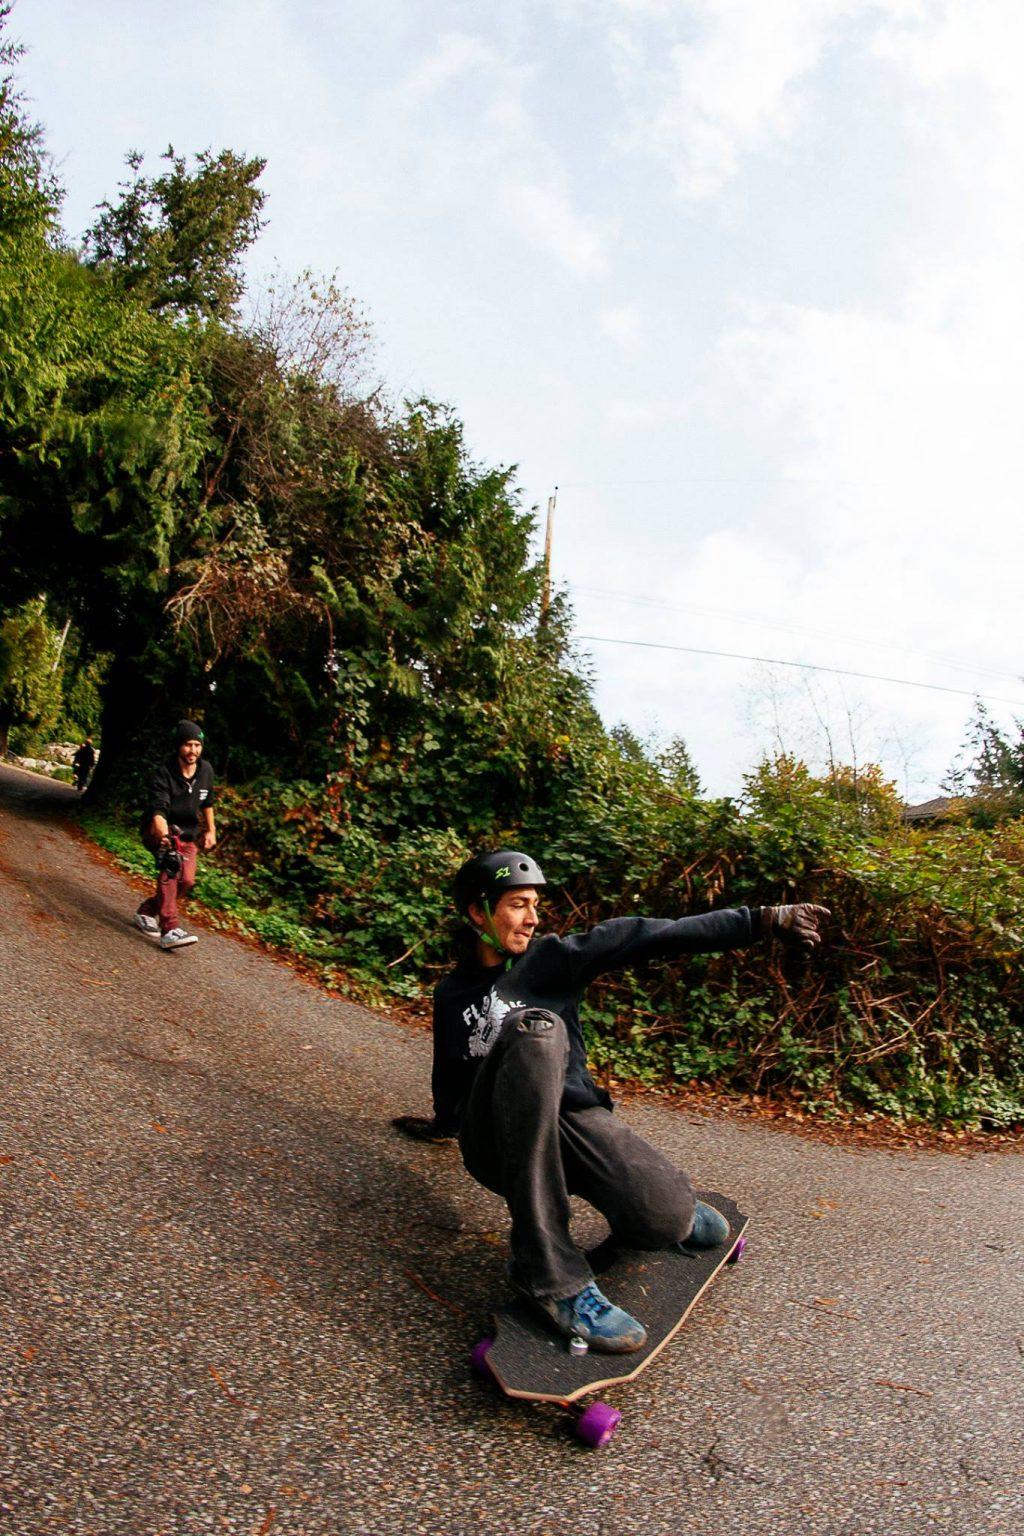 40-sam-galus-flatspot-longboards-valhalla-skateboards-higway-jam-highwayjamx-sho-ouellette-sho-stopper-longboarding